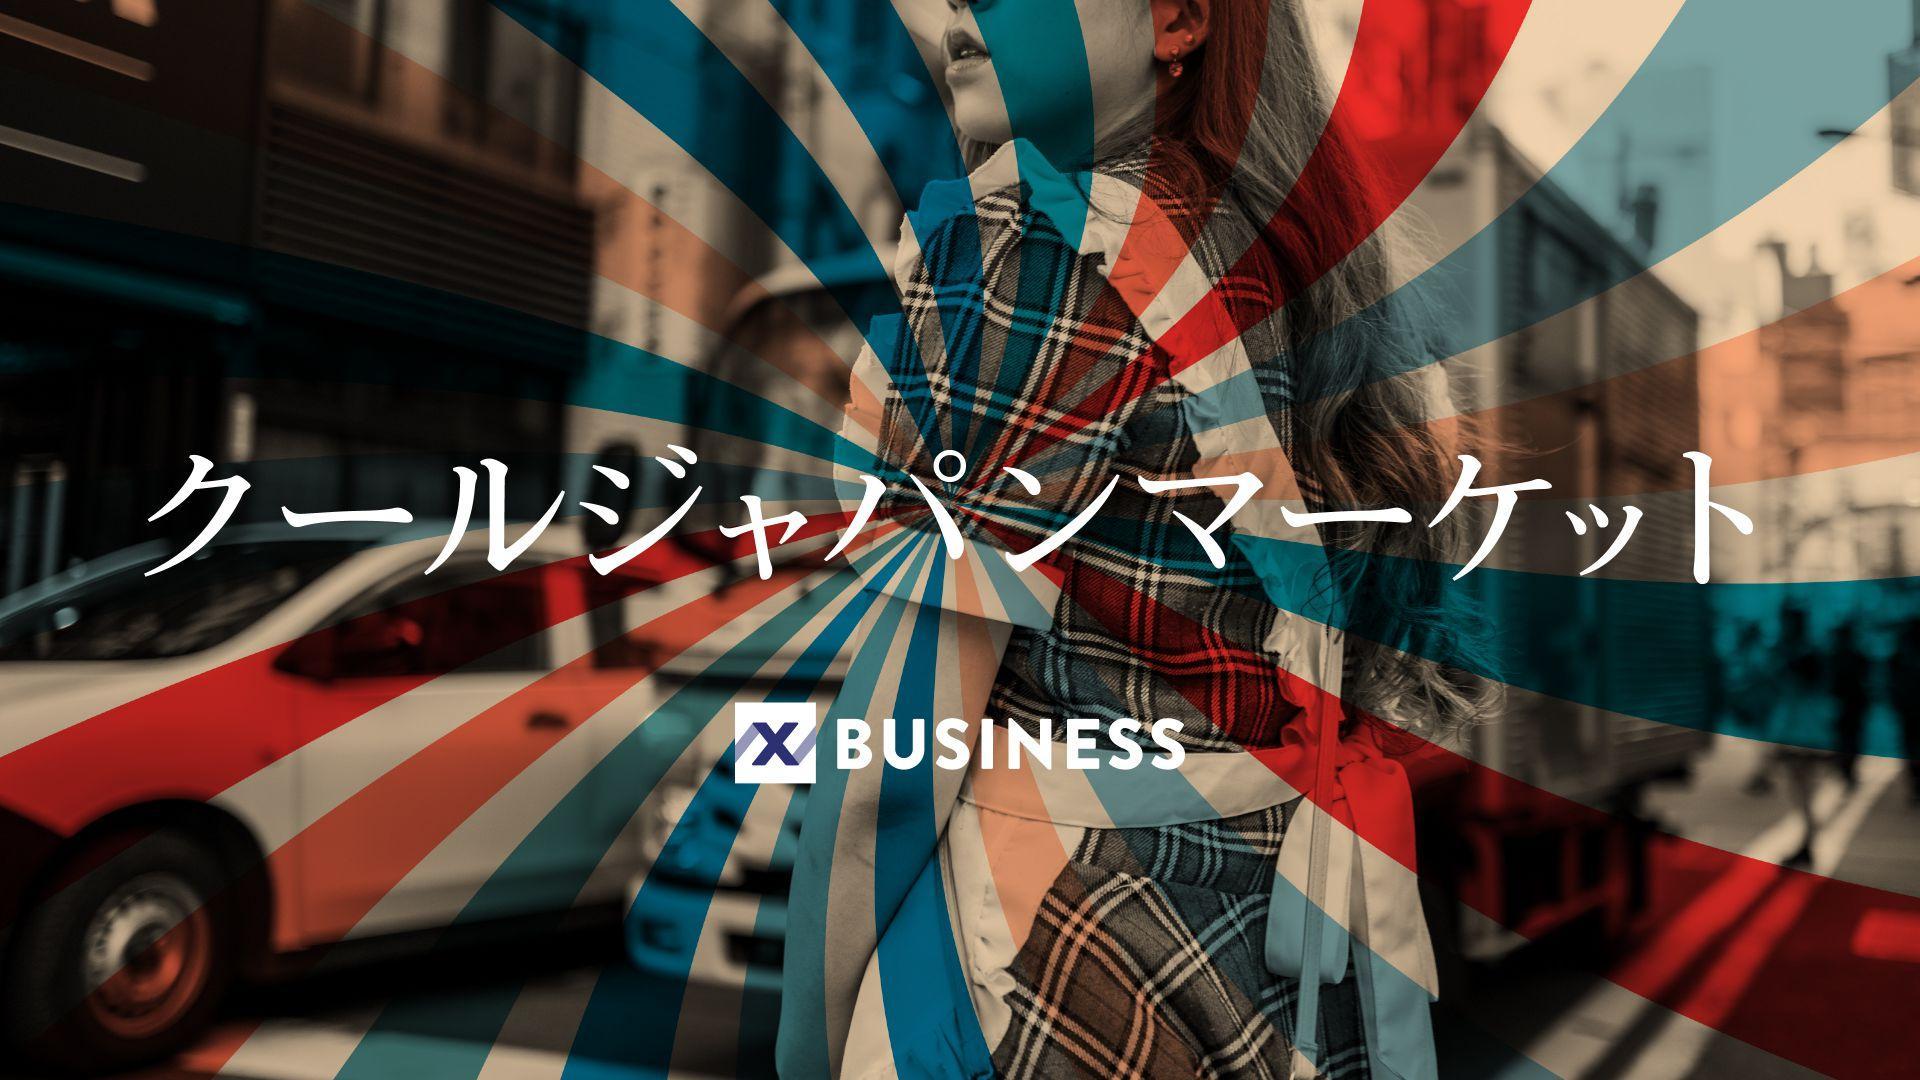 【最新版】「クール・ジャパンマーケット/オタク市場の徹底研究2021」発刊